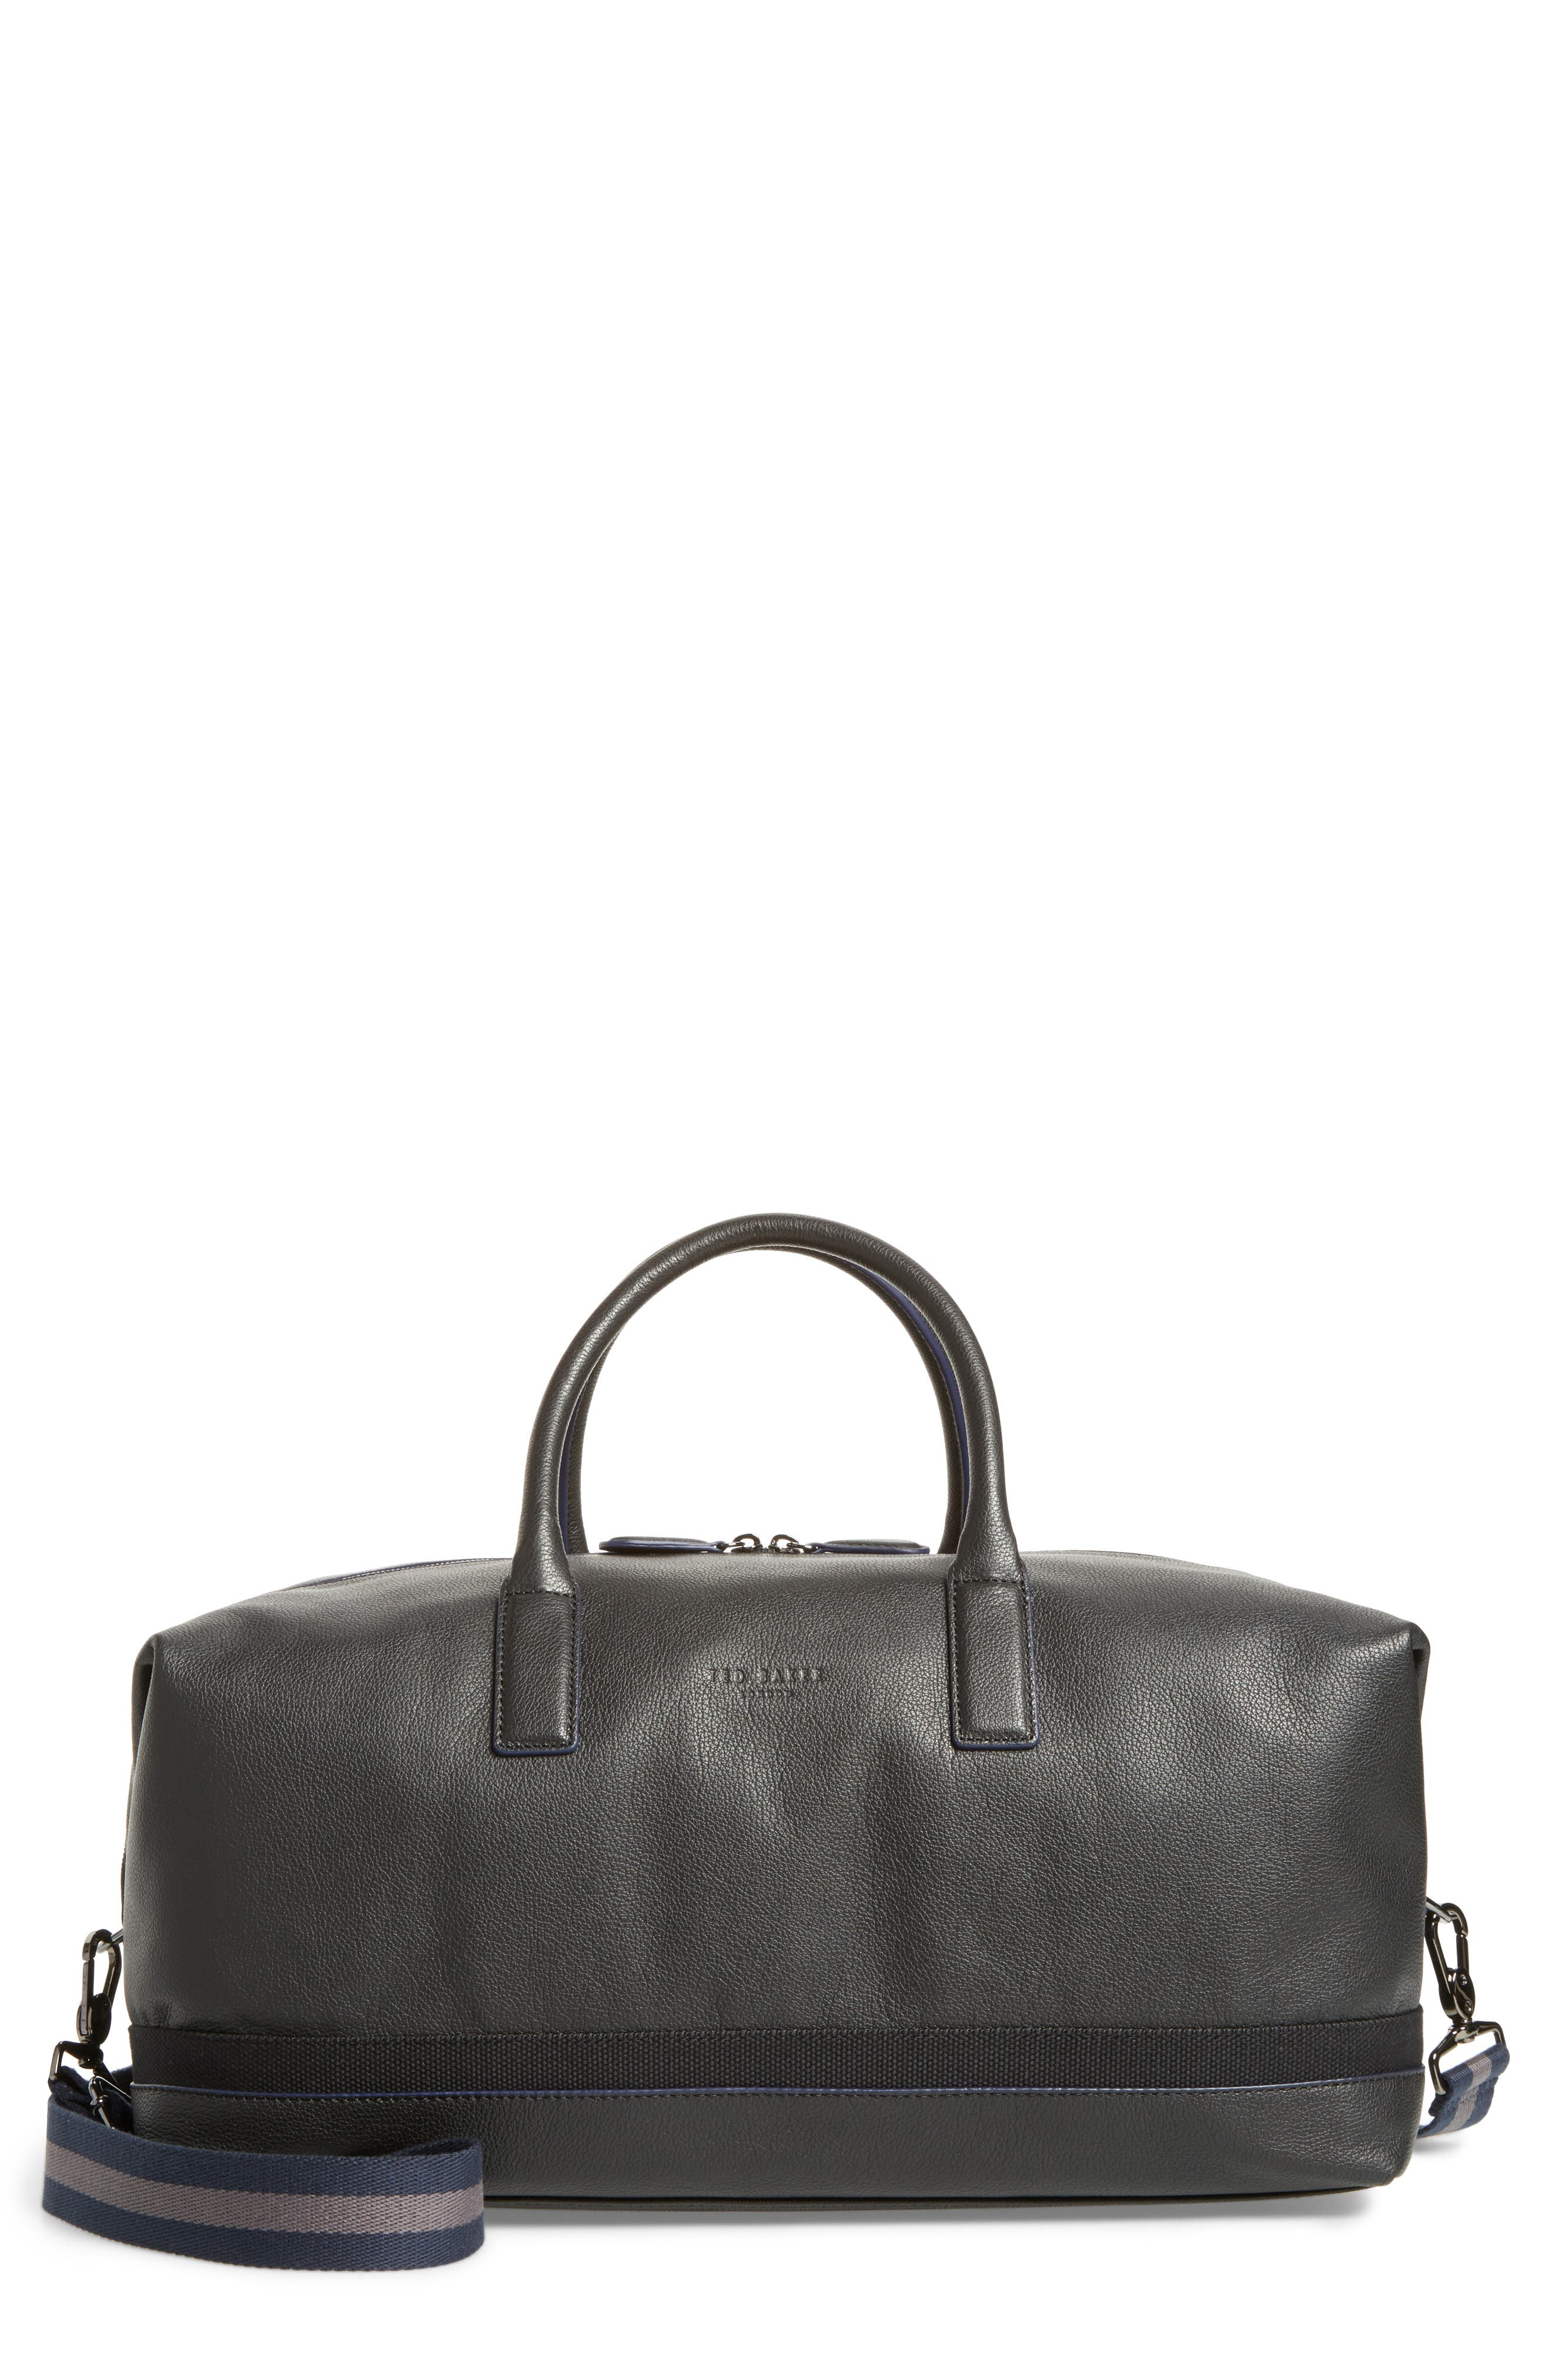 Mylow Duffel Bag,                         Main,                         color, BLACK